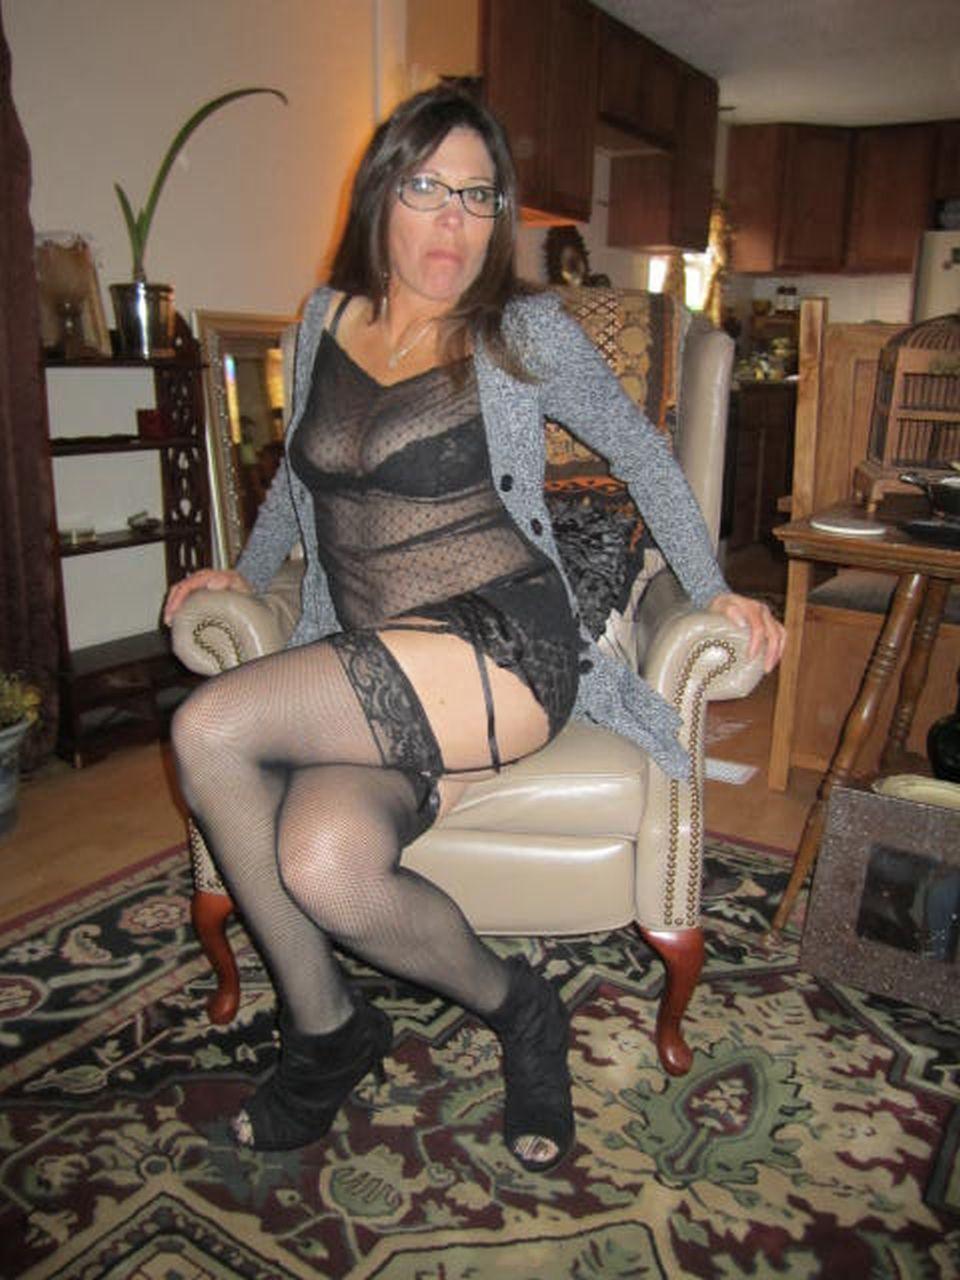 На кухне мама в юбке бахвалится киской секс фото